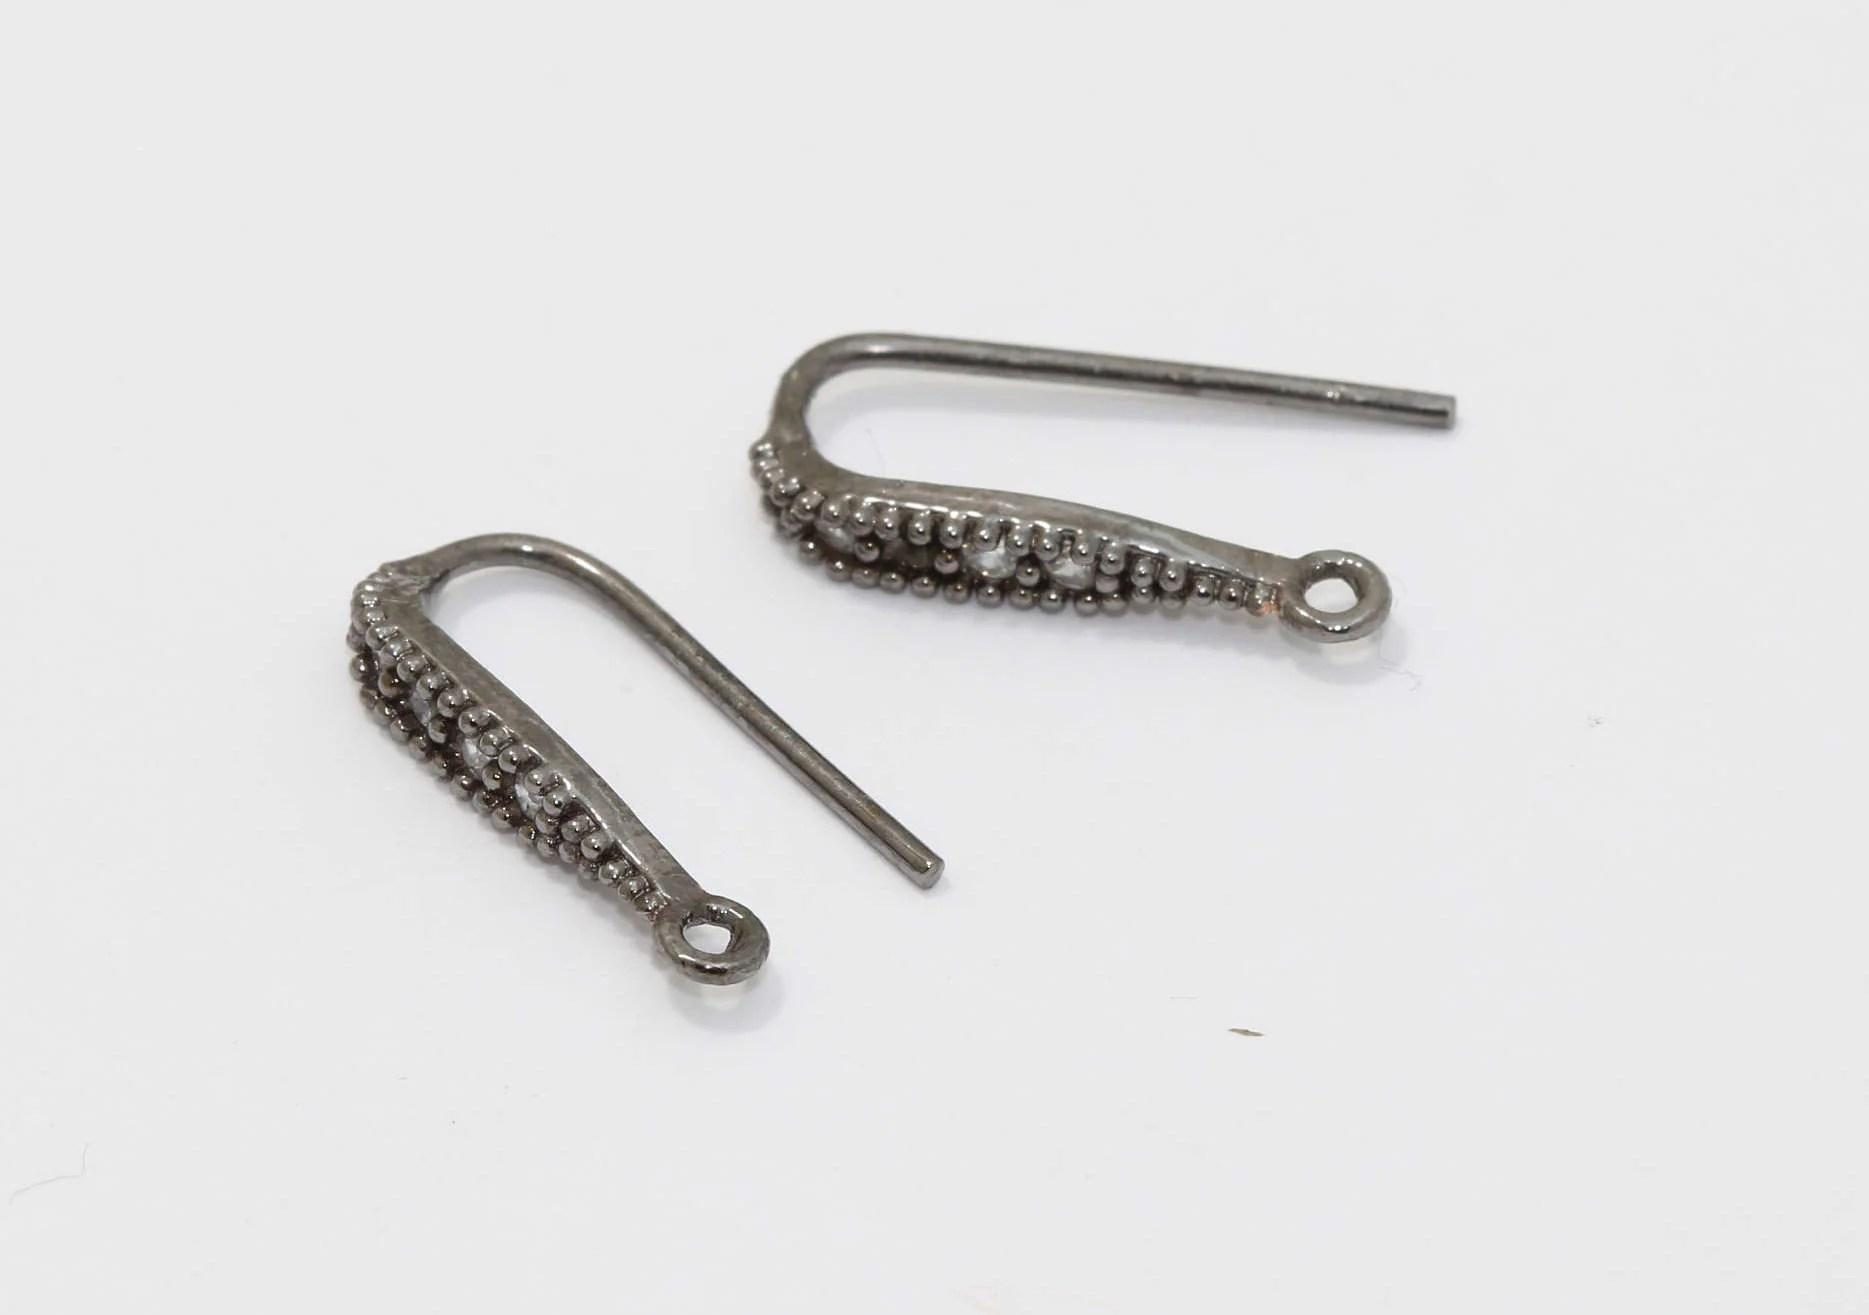 2 Pcs Gunmetal Earring Hooks 17x28mm Bridal Pearl Earrings